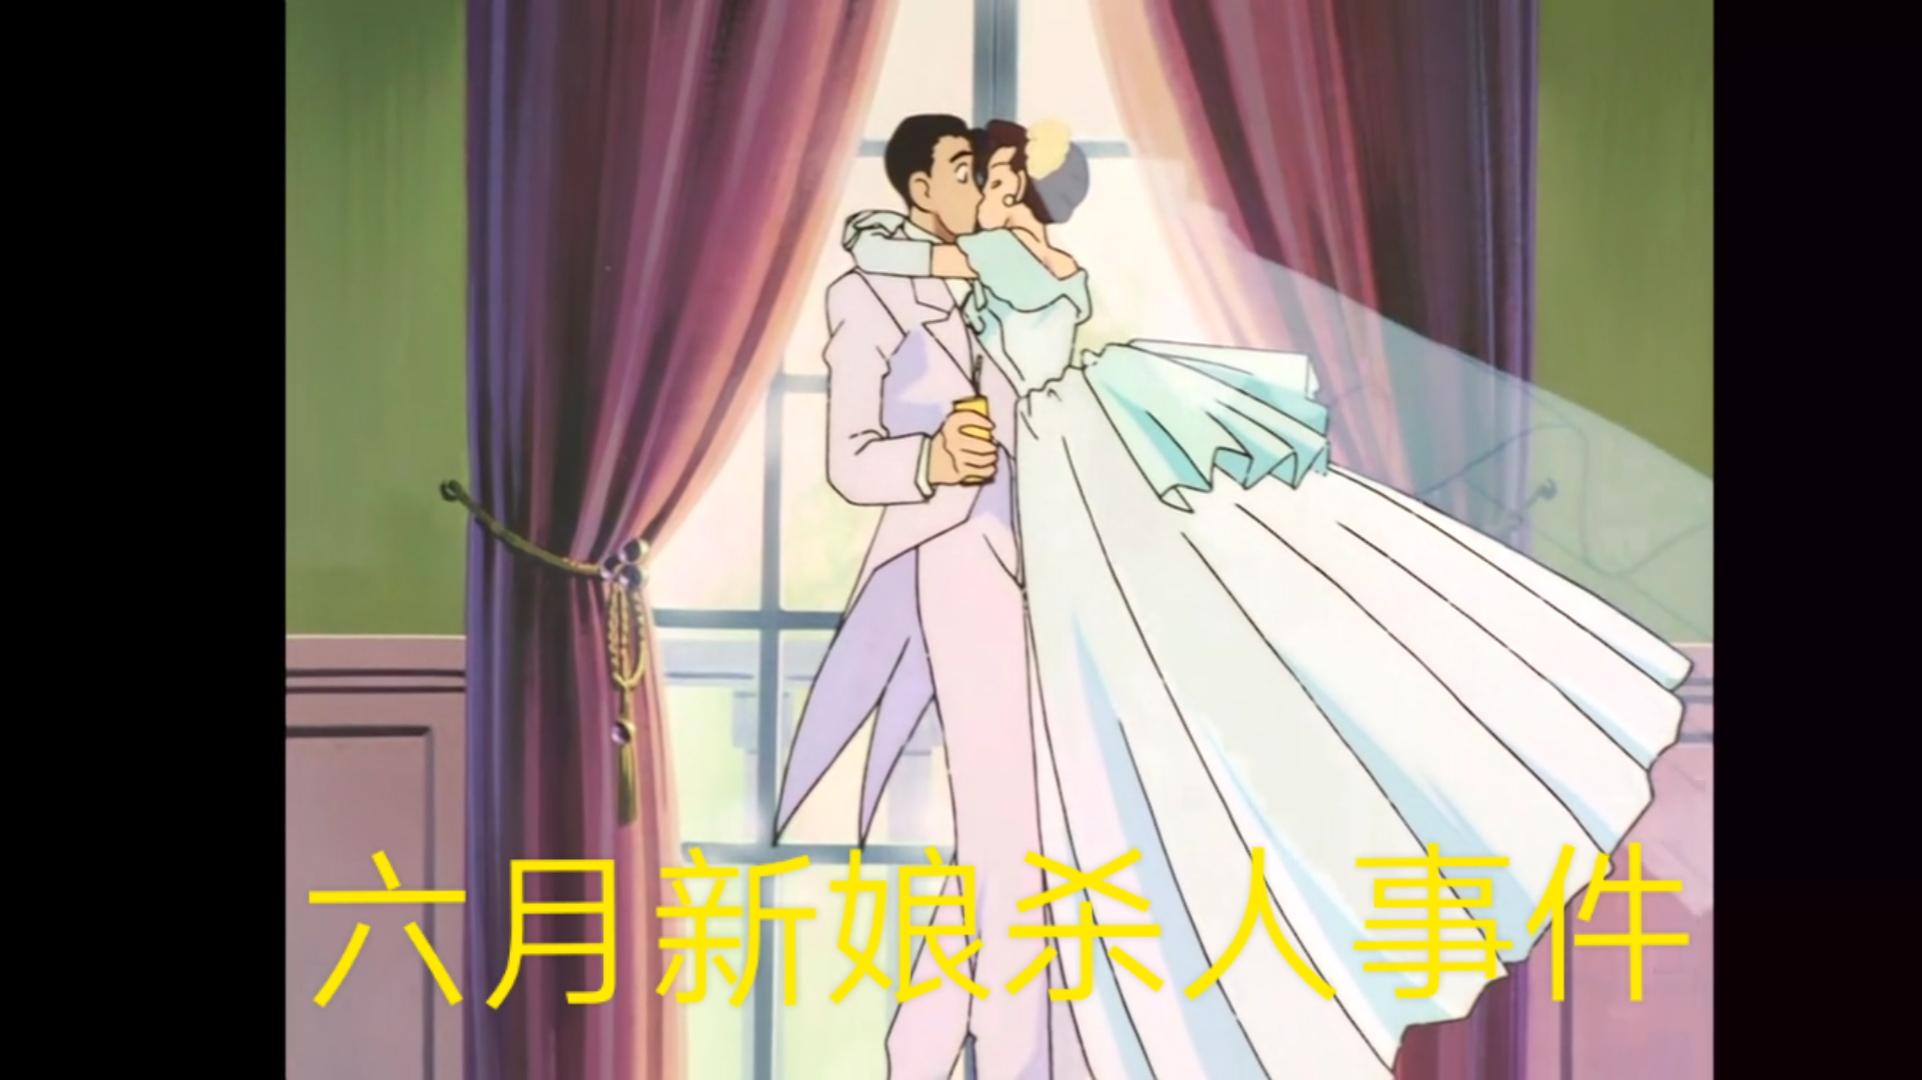 【名侦探柯南】第18期之六月新娘杀人事件